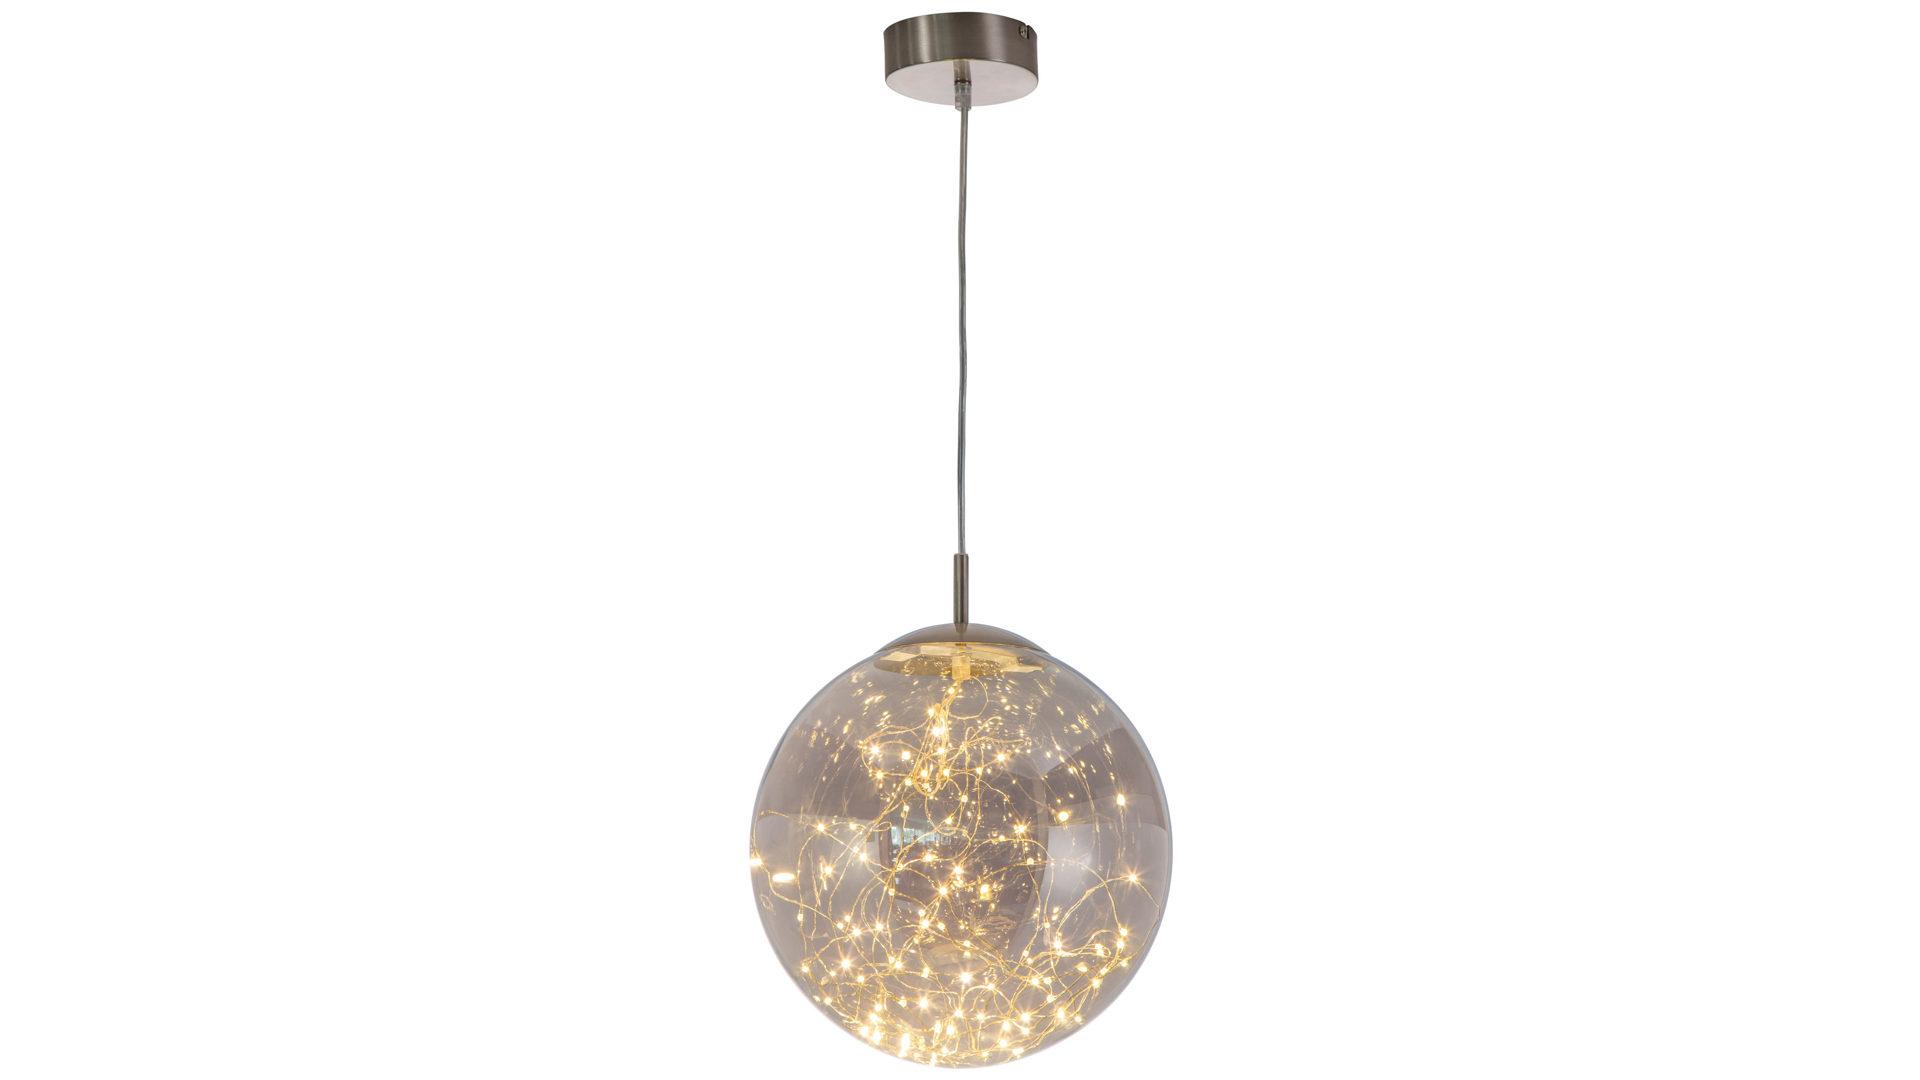 Wohnland Breitwieser Raume Esszimmer Lampen Leuchten Led